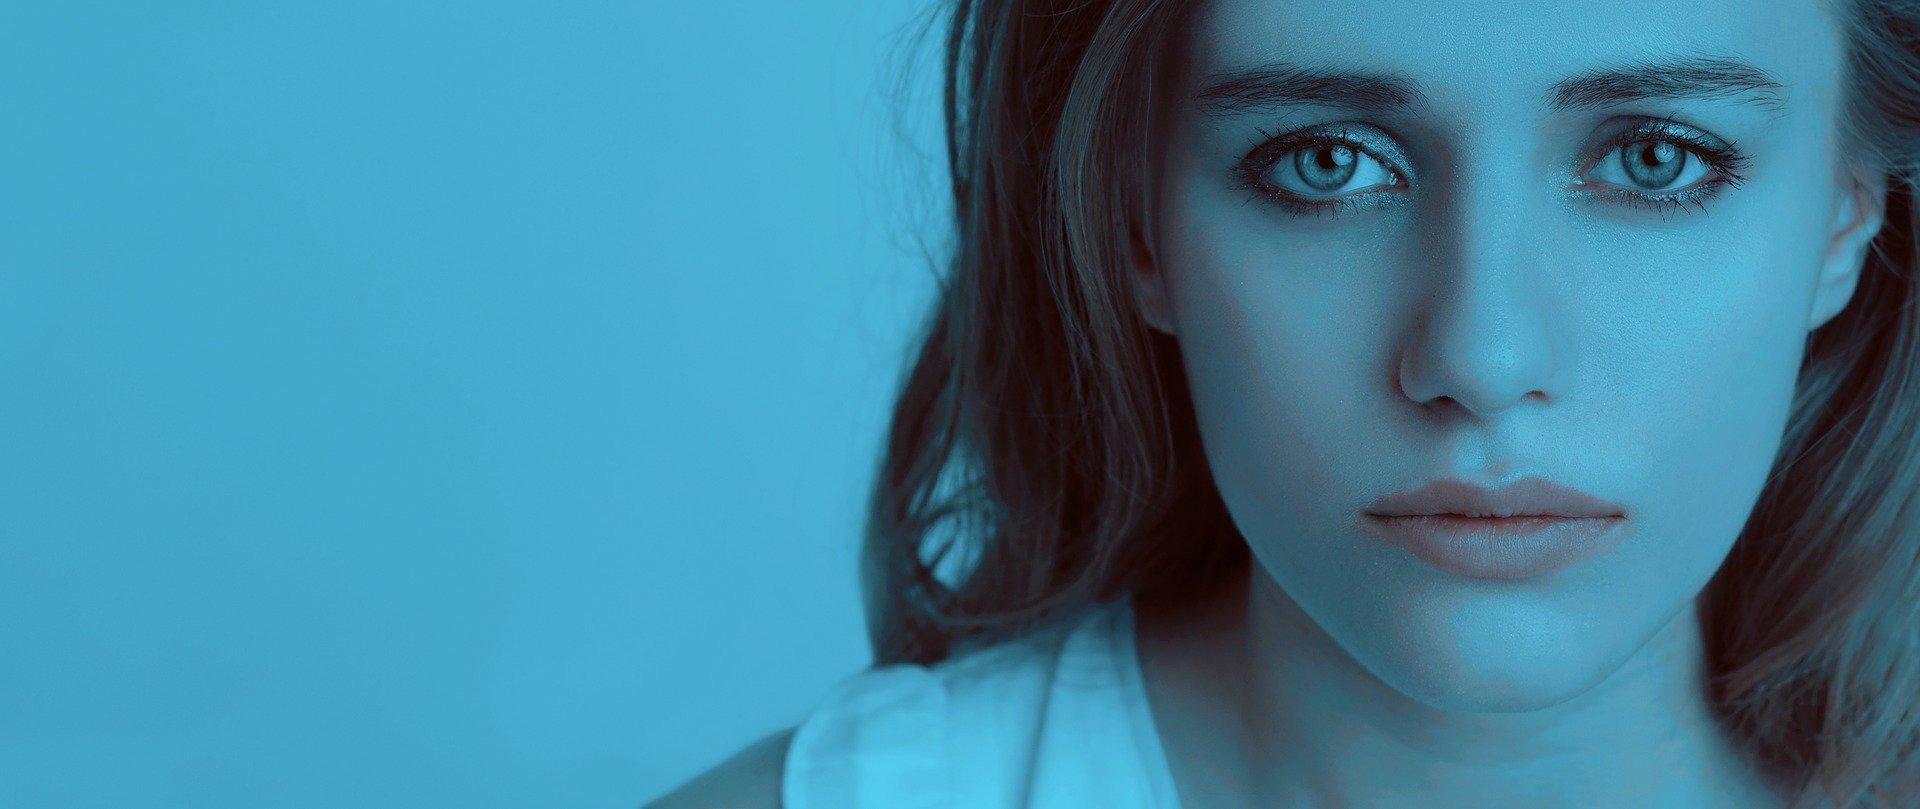 woman pensive blue